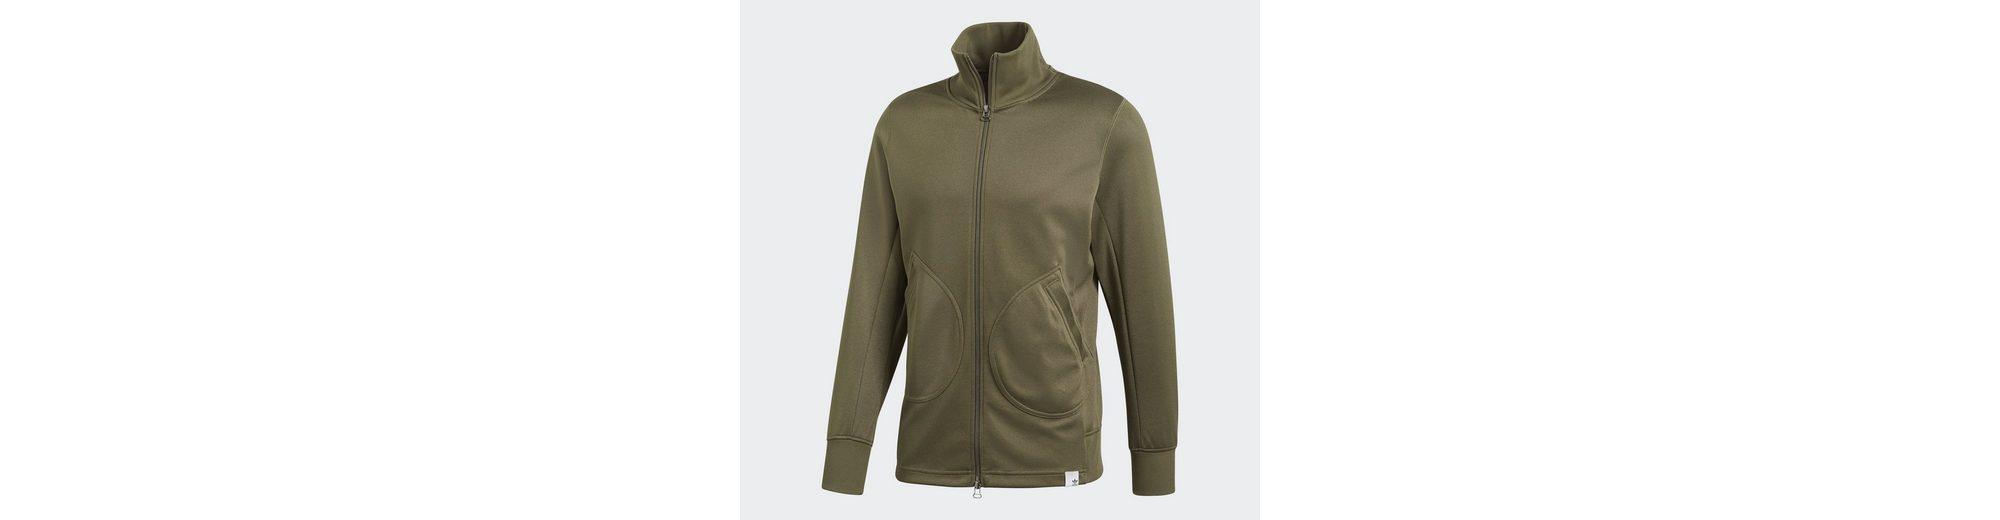 adidas Originals Sweatjacke XBYO Originals Jacke Echte Online Billige Browse Beste Günstig Online Outlet Beliebt Billige Truhe Bilder SvJ889q